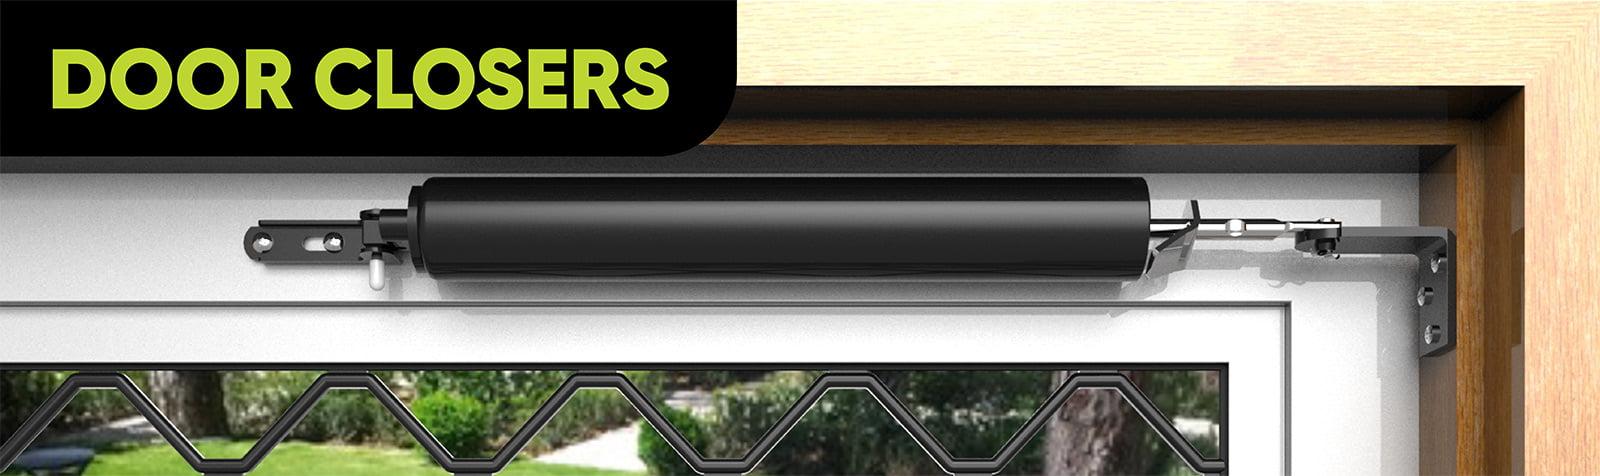 Door Hardware Door Closers Category Banner